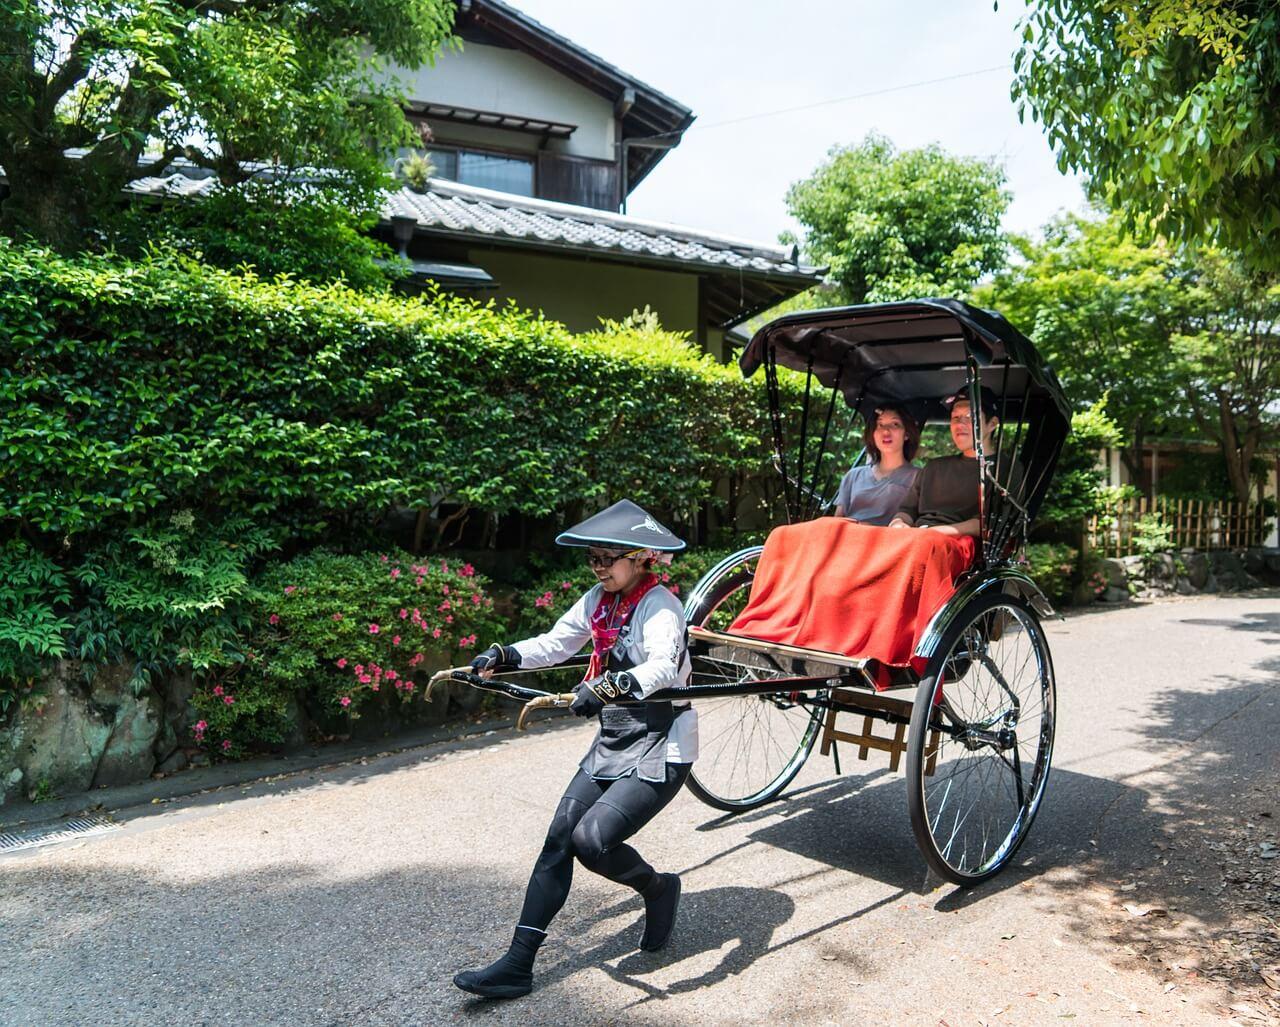 Japaner zieht Rikscha aus Spaß